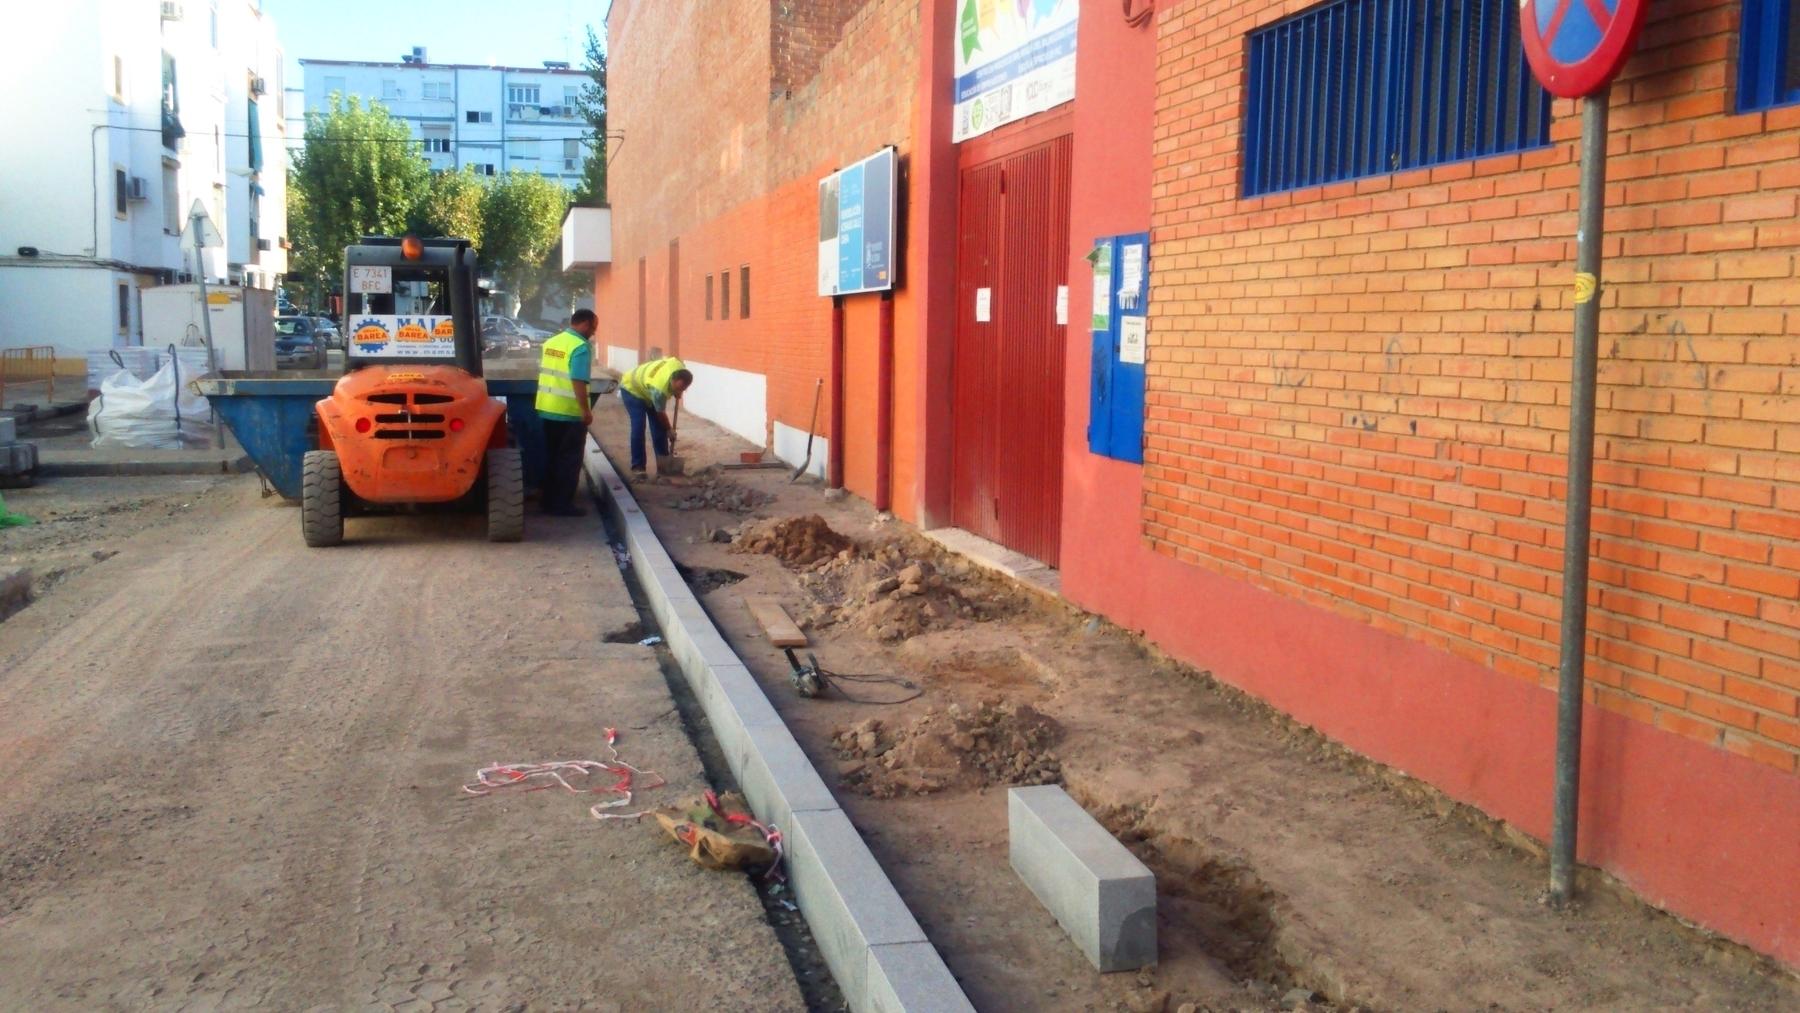 Reforma Calle Cabra.Ubecord Empresa de construcción y reformas en Córdoba, especializada en obras nuevas, rehabilitación y reformas